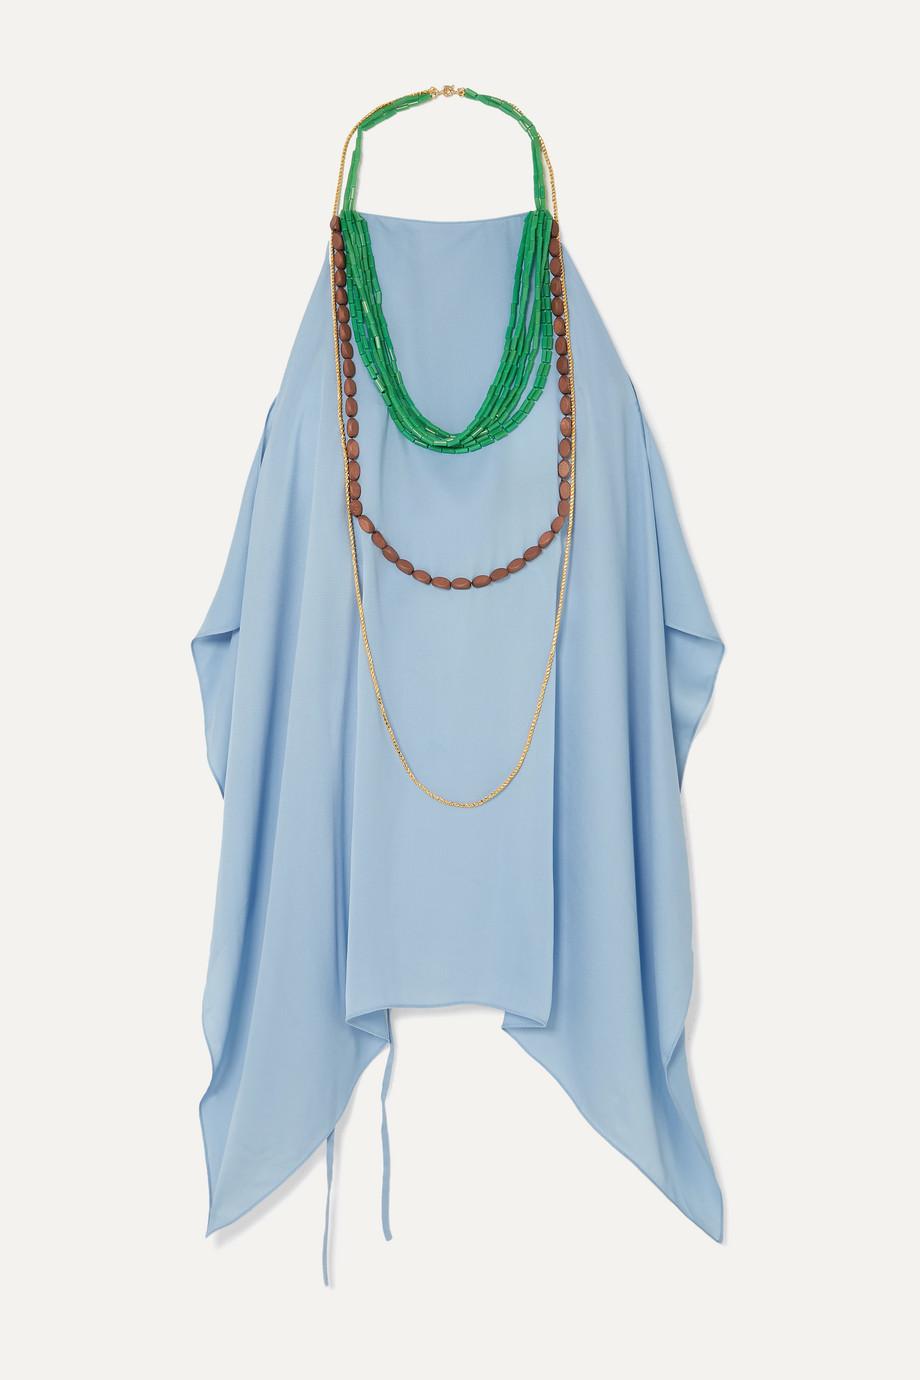 Jacquemus Haut Bijoux backless draped embellished crepe halterneck top